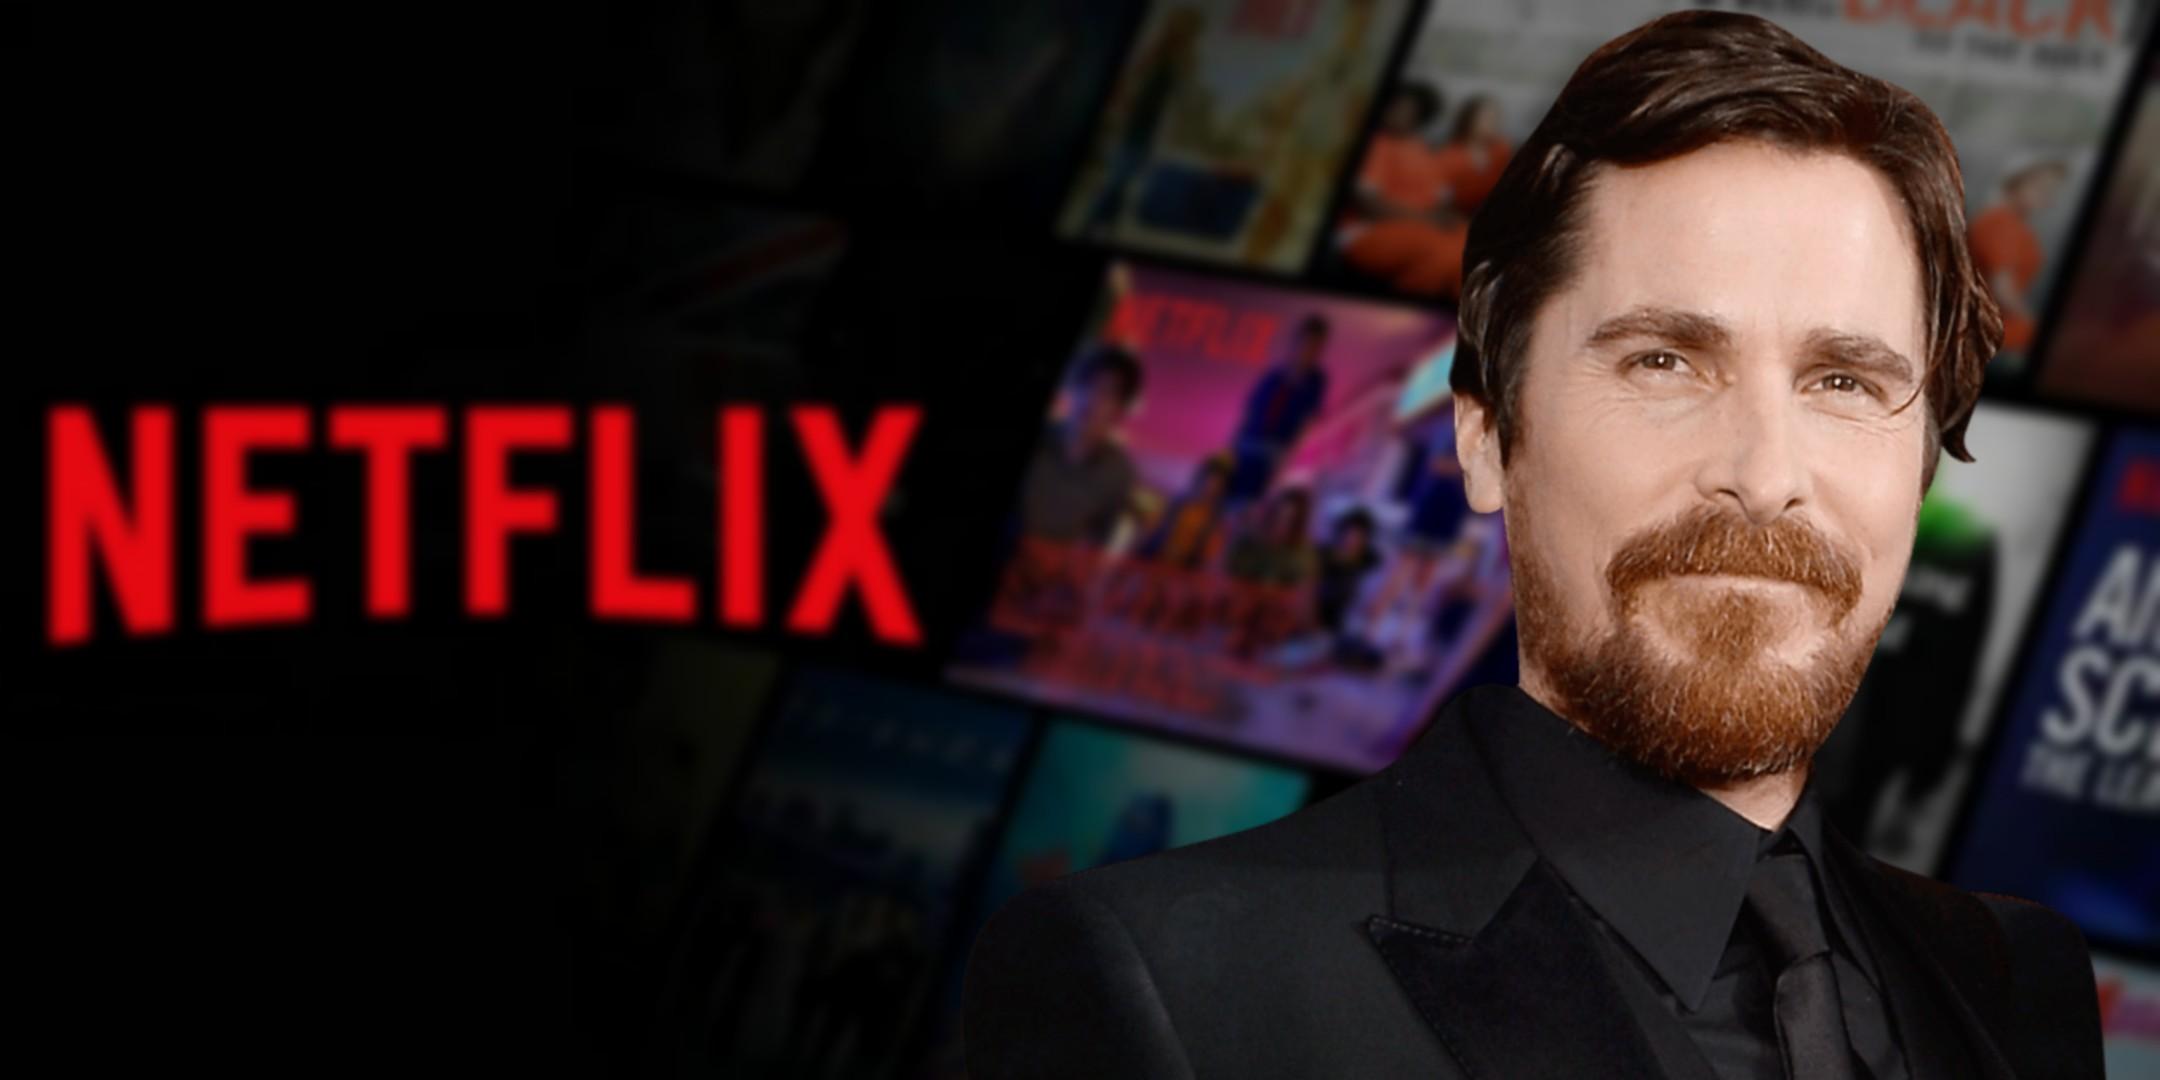 Christian Bale upcoming Netflix horro thriller film